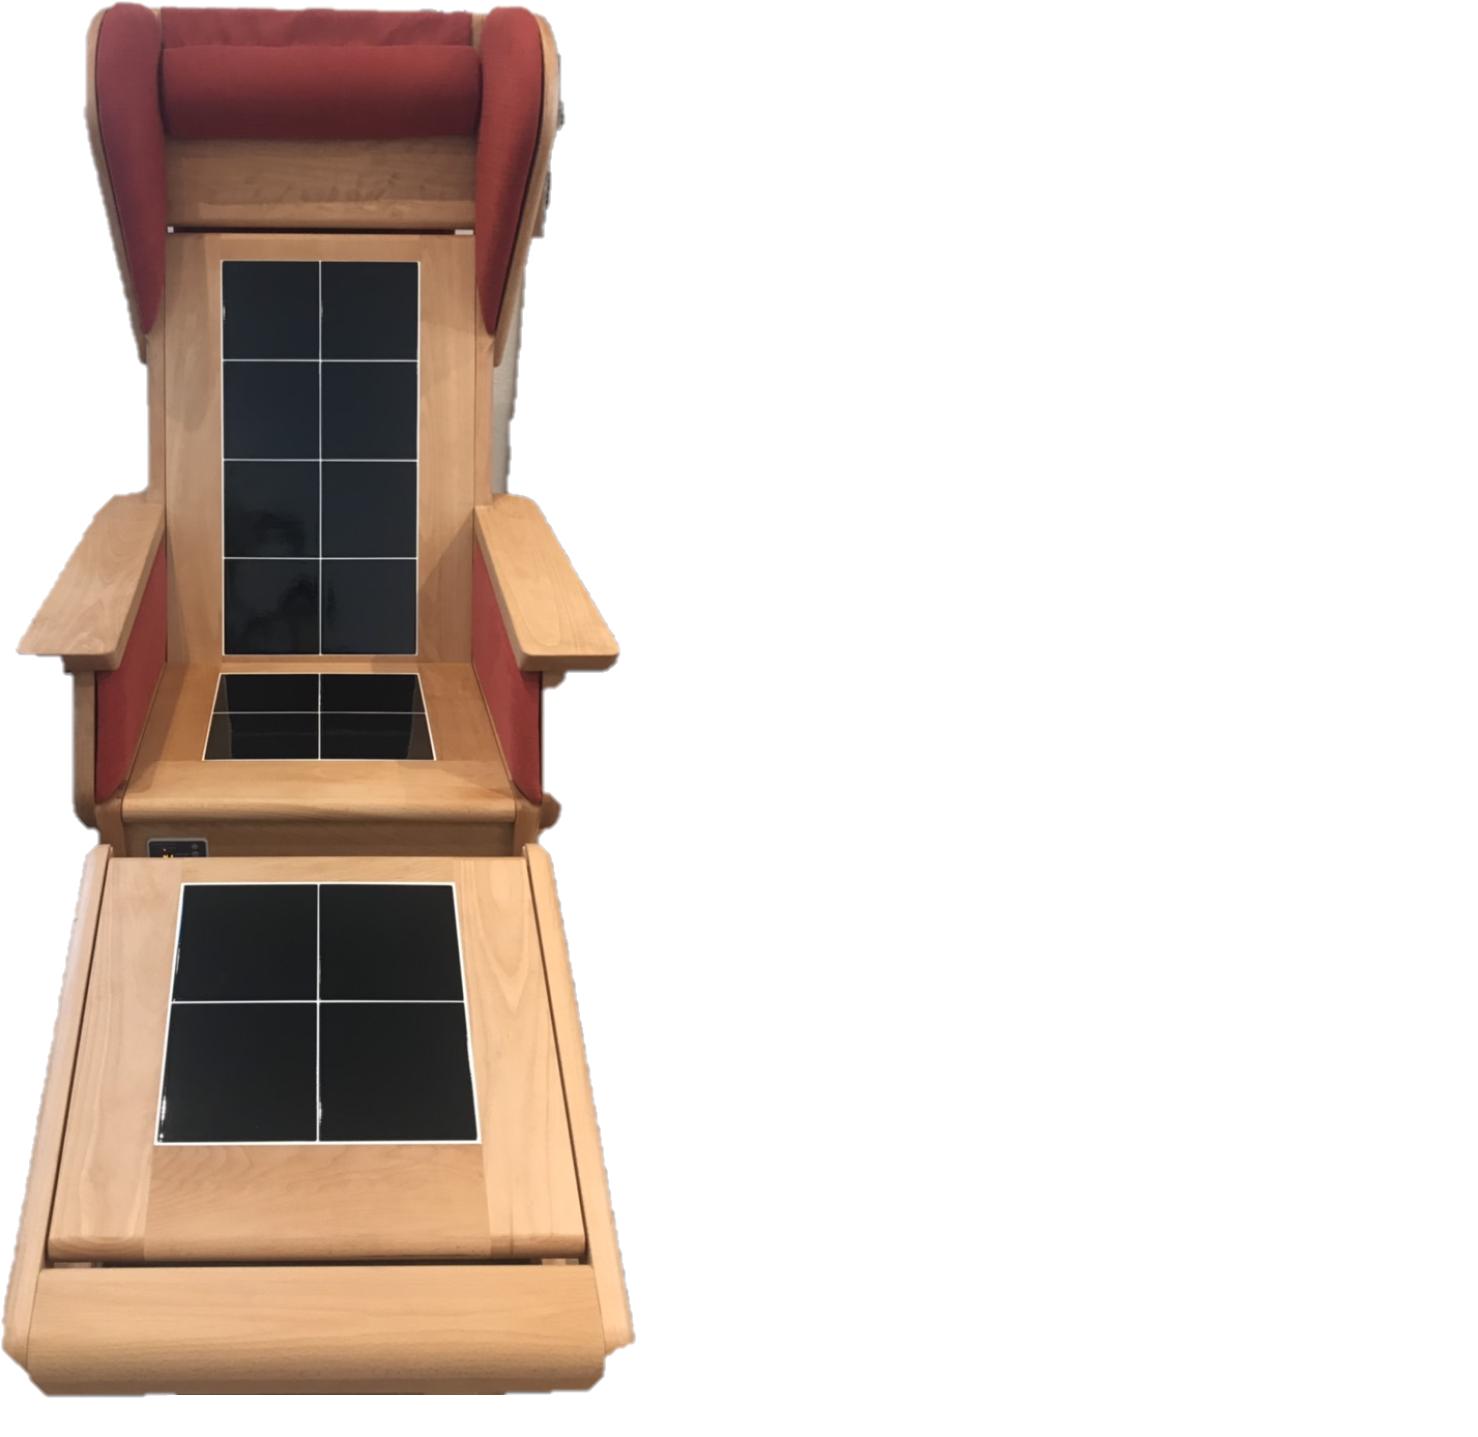 椅子式型タイル陶板浴